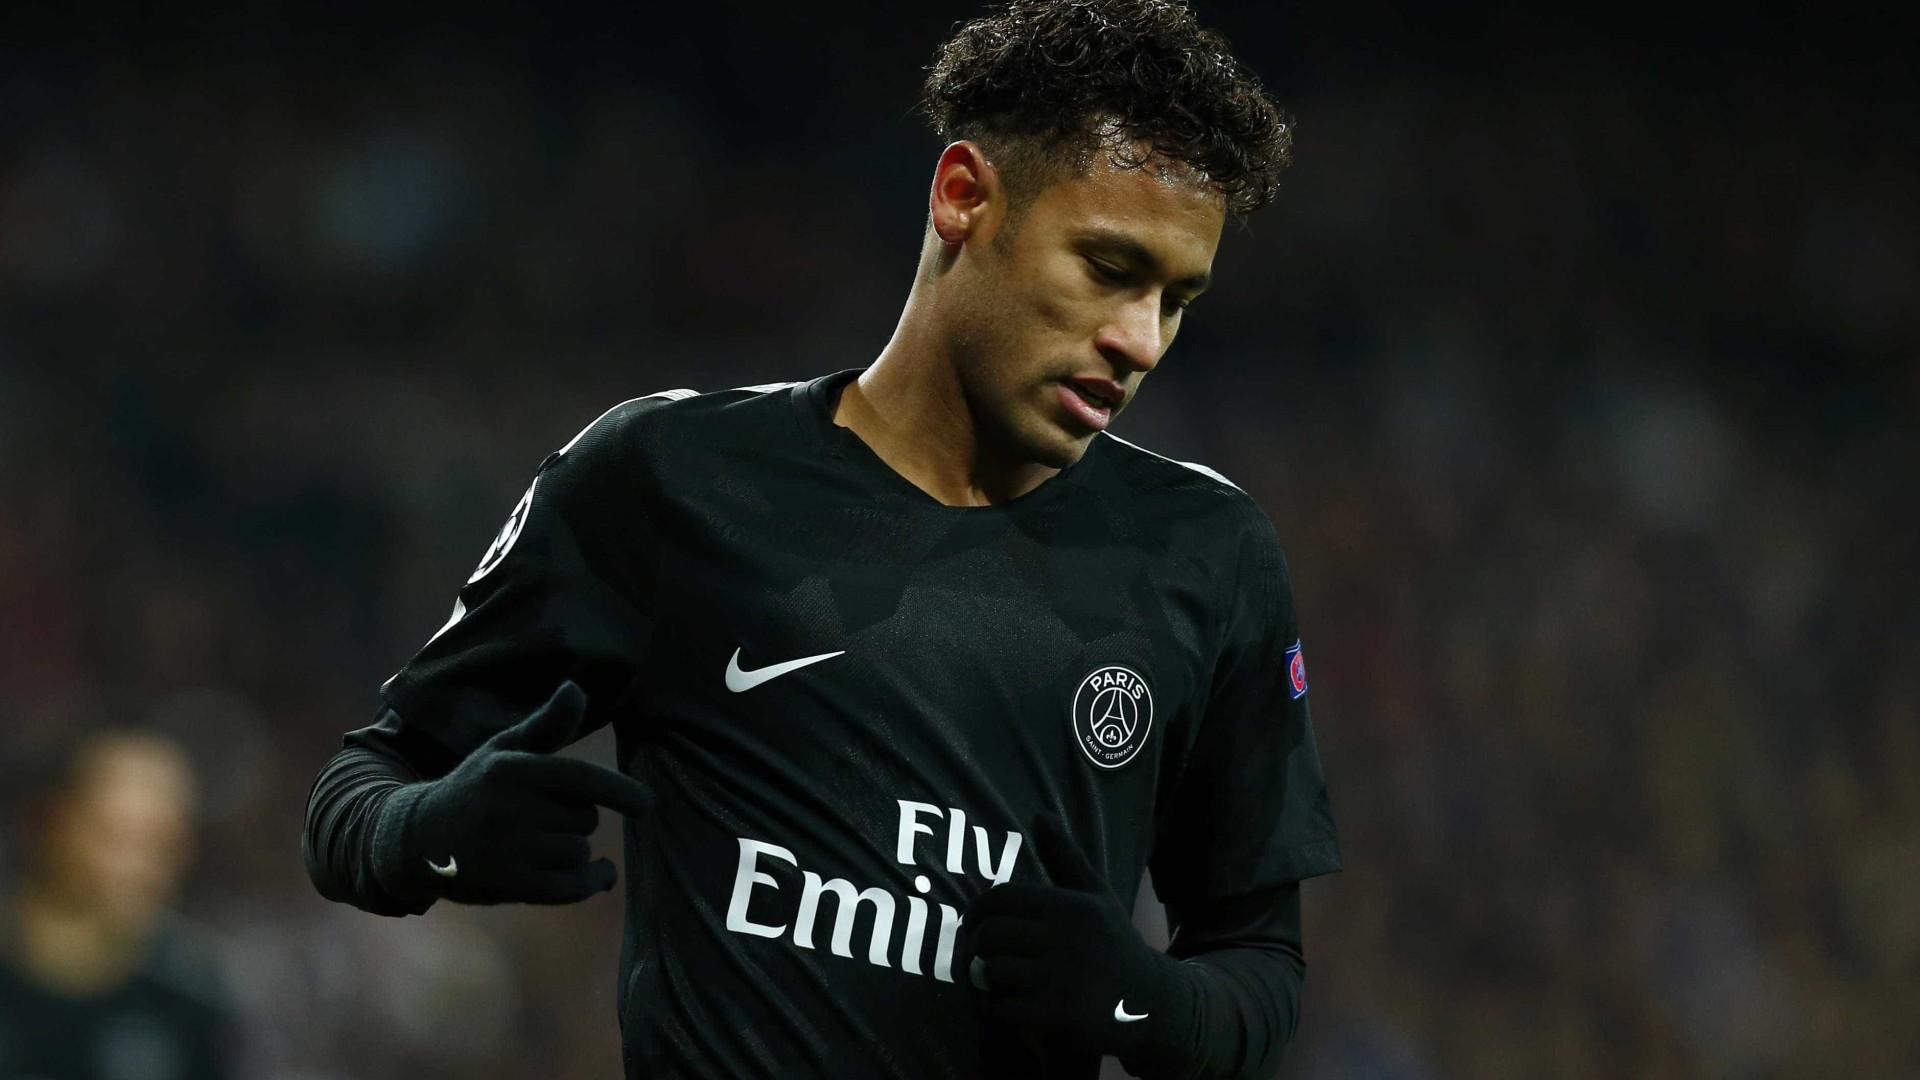 Real Madrid procura Neymar, mas não vê brecha em contrato com PSG